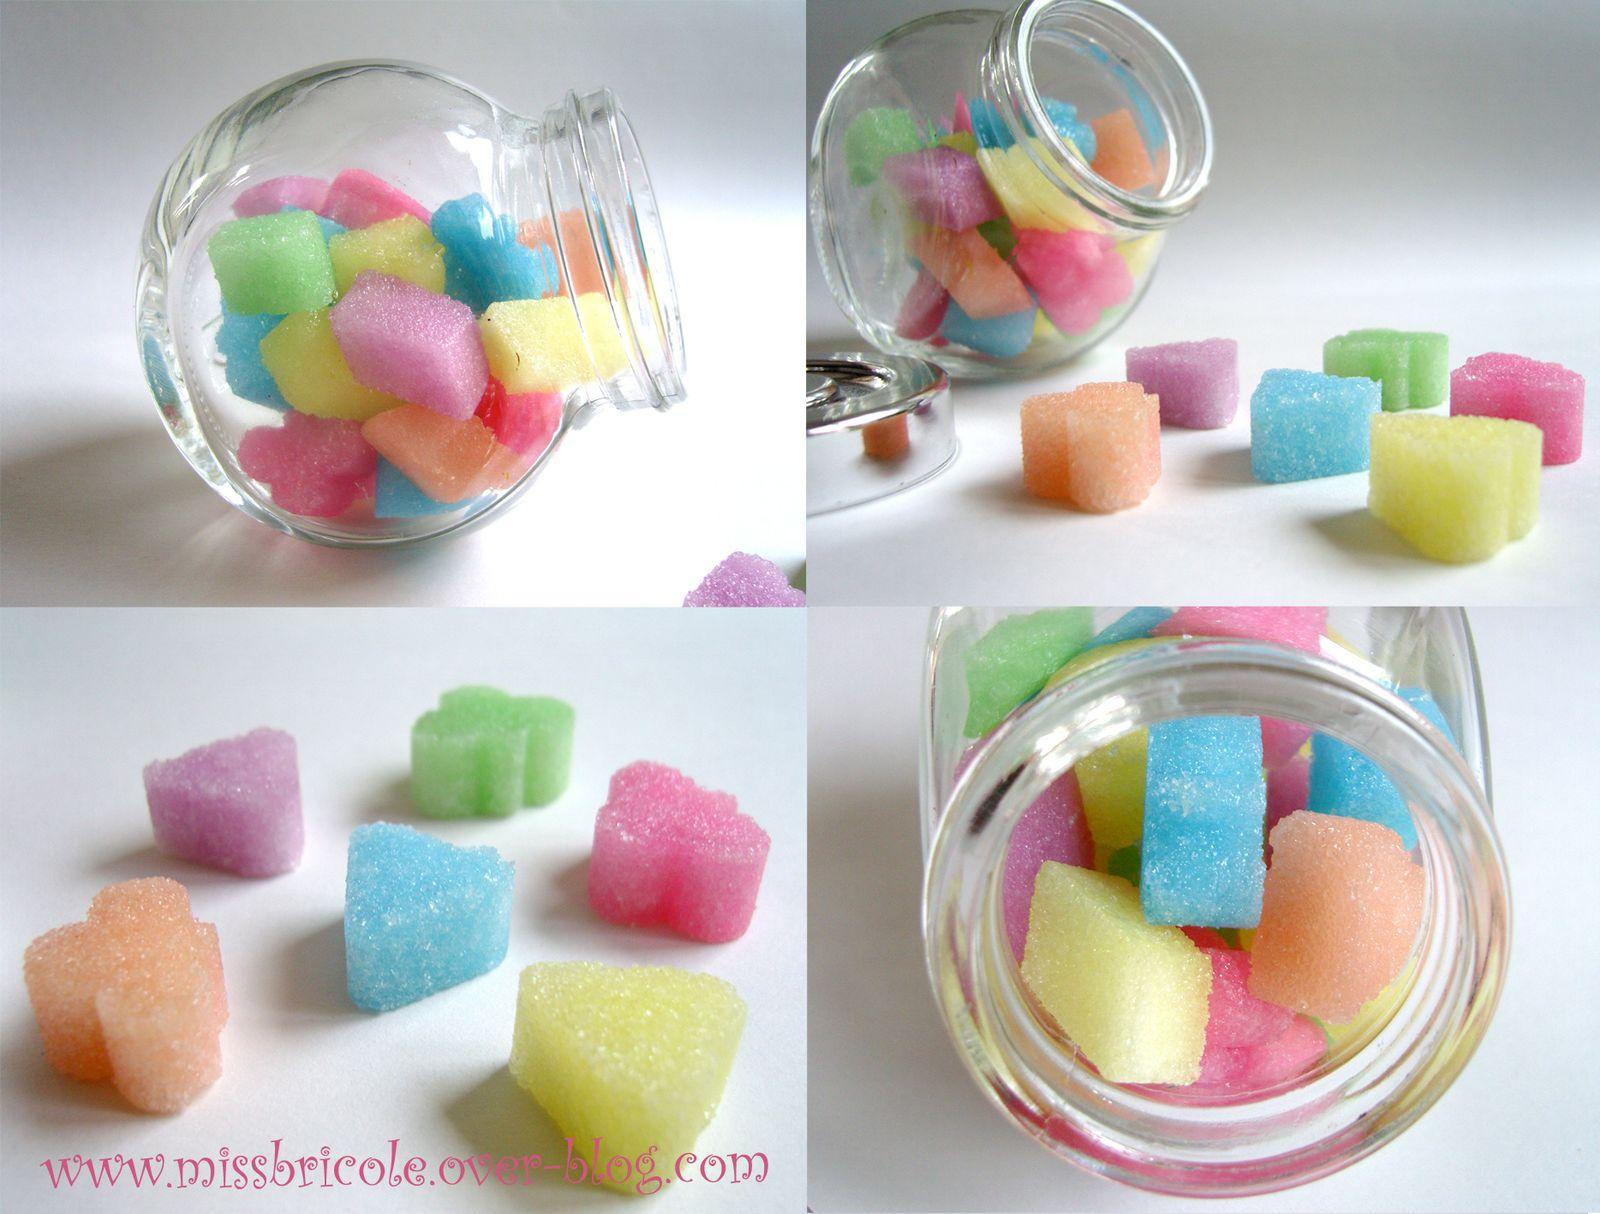 sucrescolores.jpg